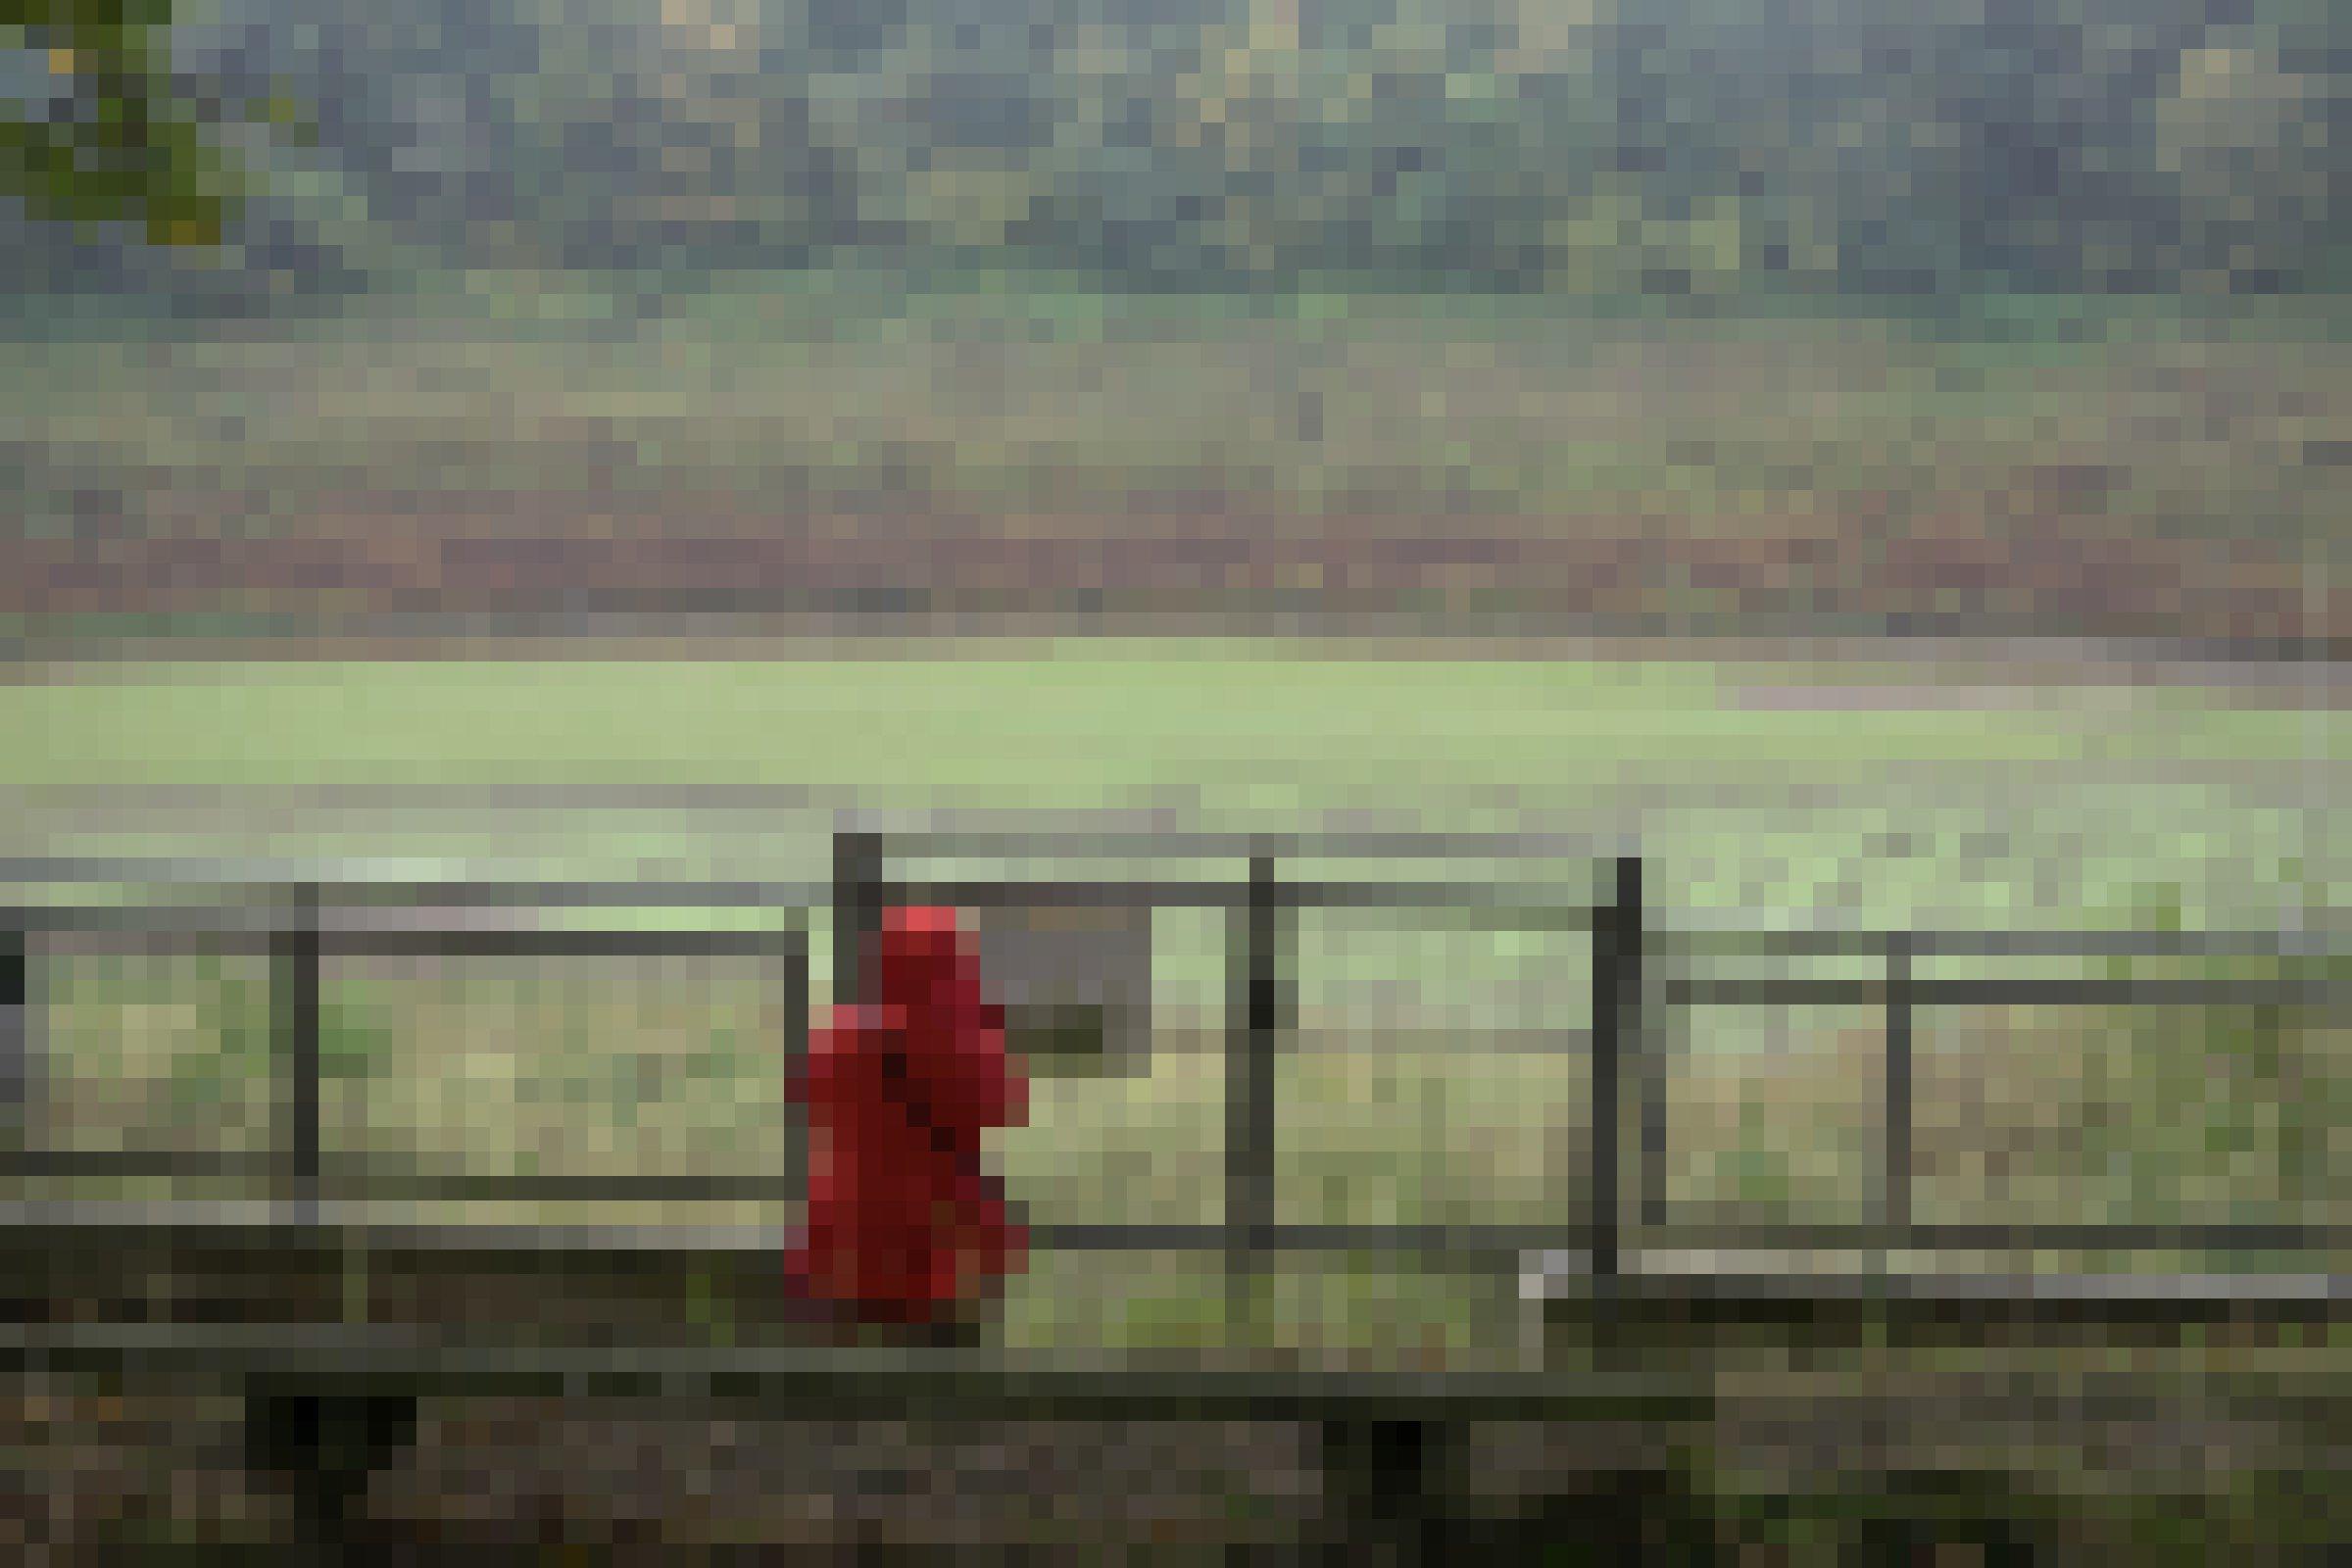 Zaun vor trocken gelegtem Stausee, davor eine Person mit roter Regenjacke